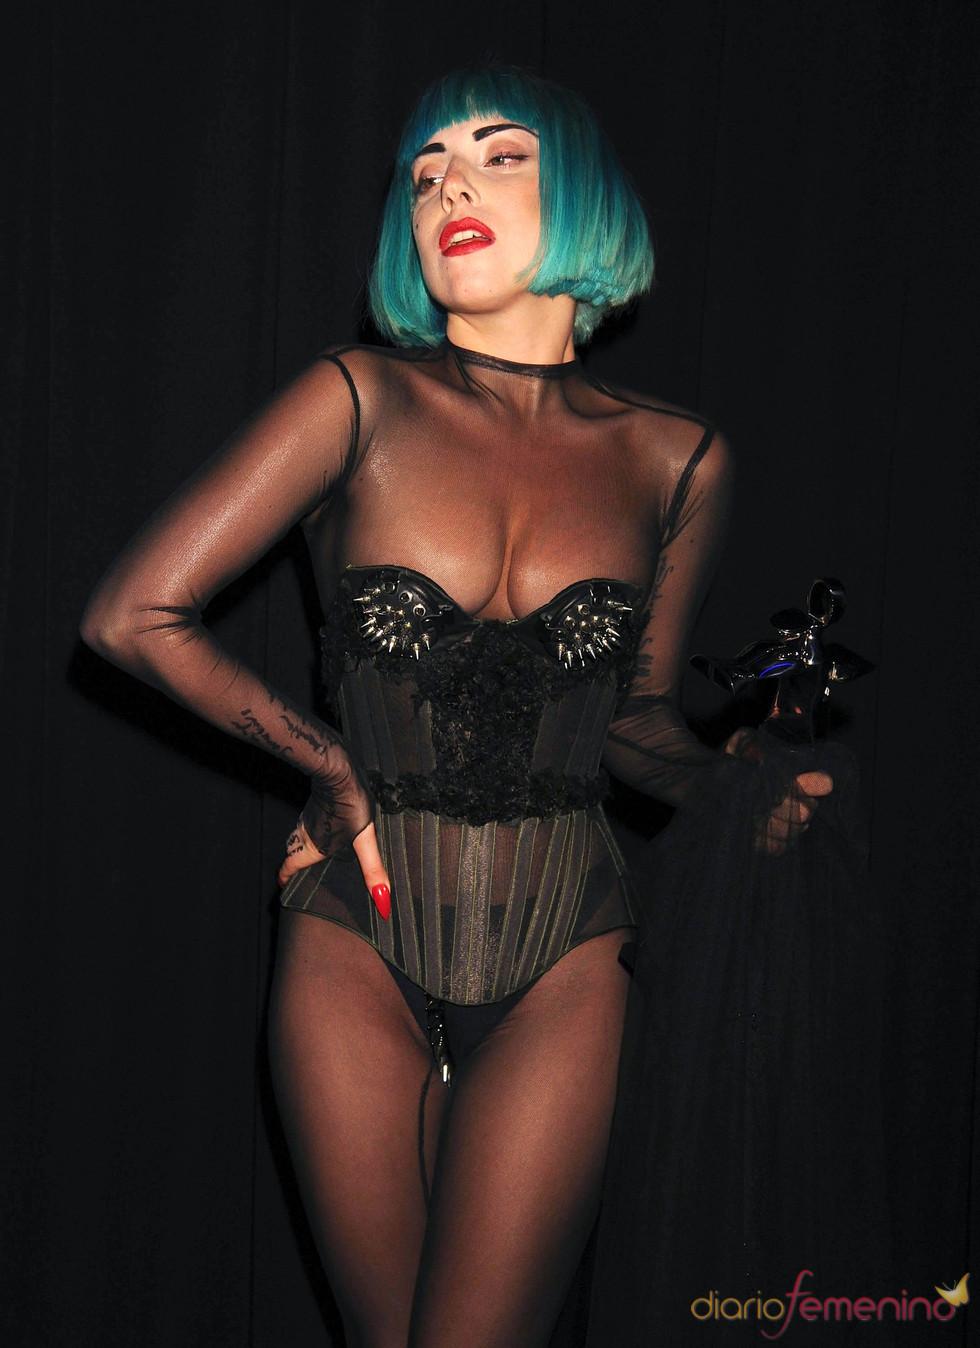 Lady Gaga con su premios de Moda CFDA 2011